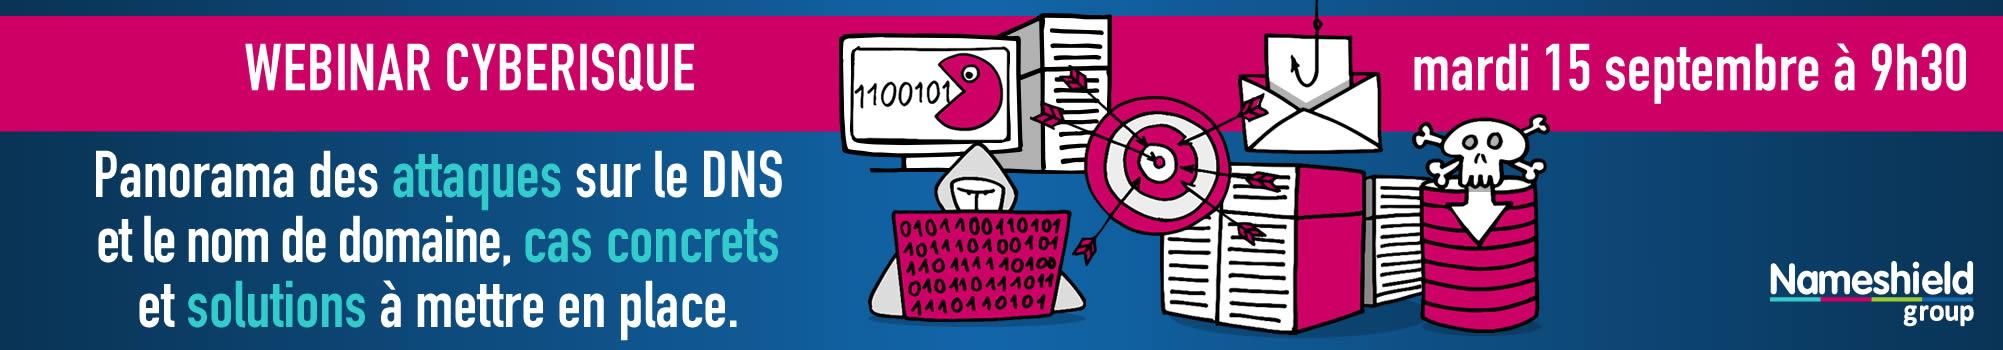 Cyberisque : panorama des attaques sur le DNS et le nom de domaine, cas concrets et solutions à mettre en place.